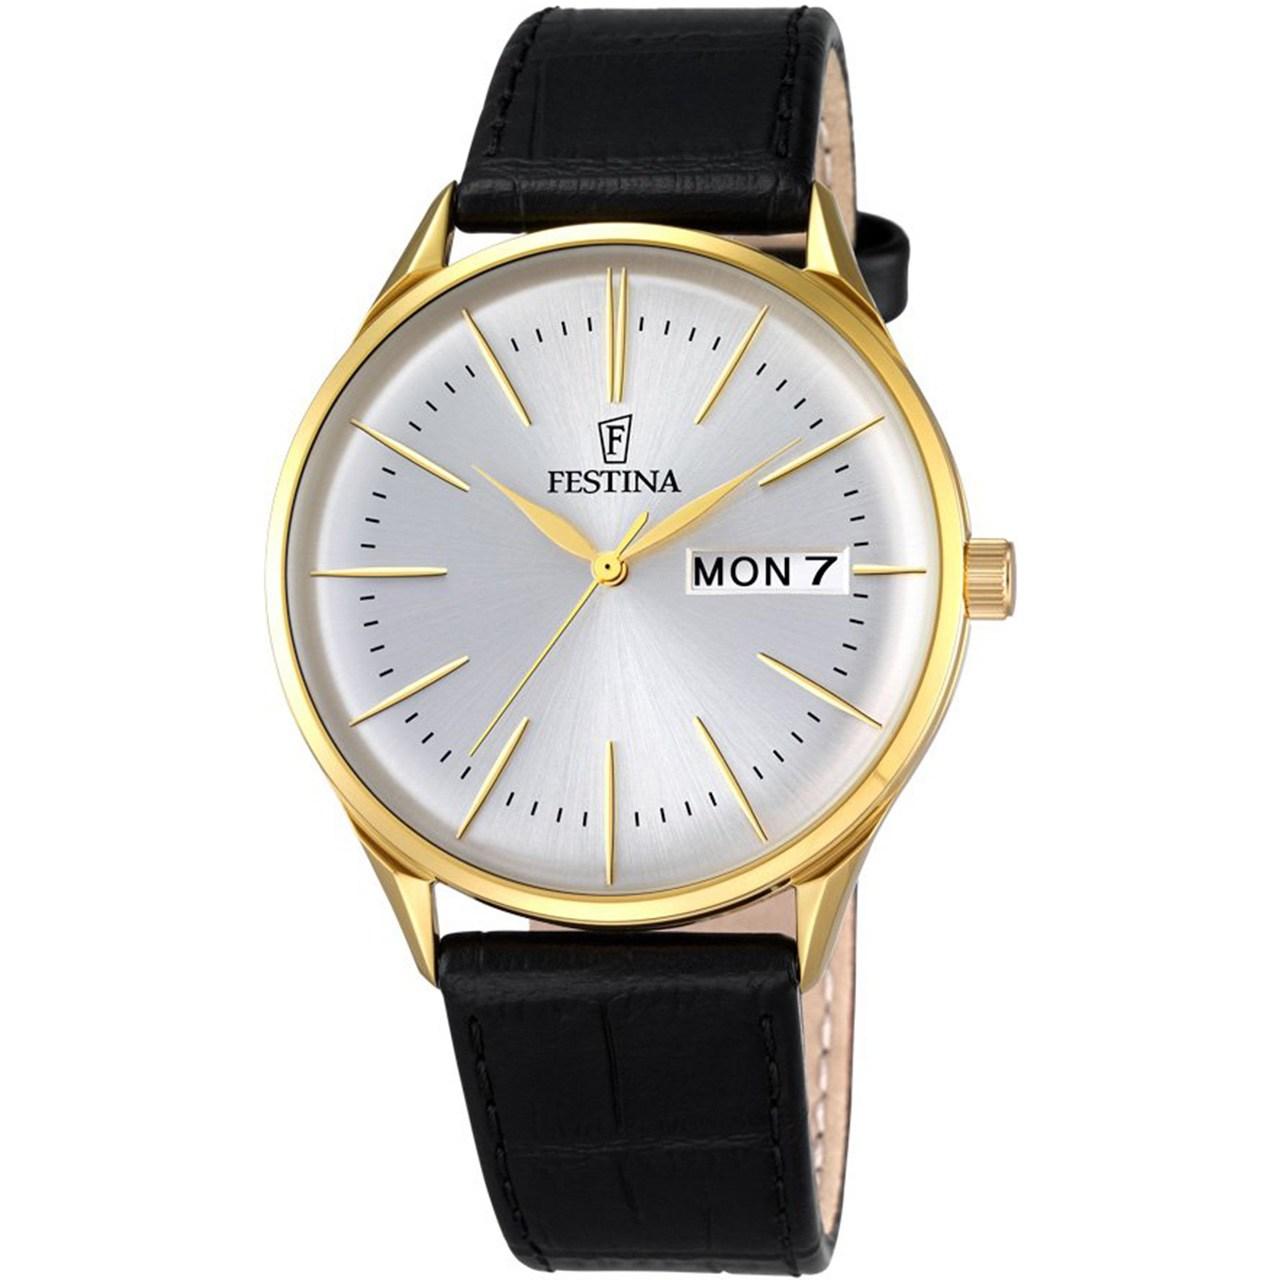 ساعت مچی عقربه ای مردانه فستینا مدل F6838/1 10